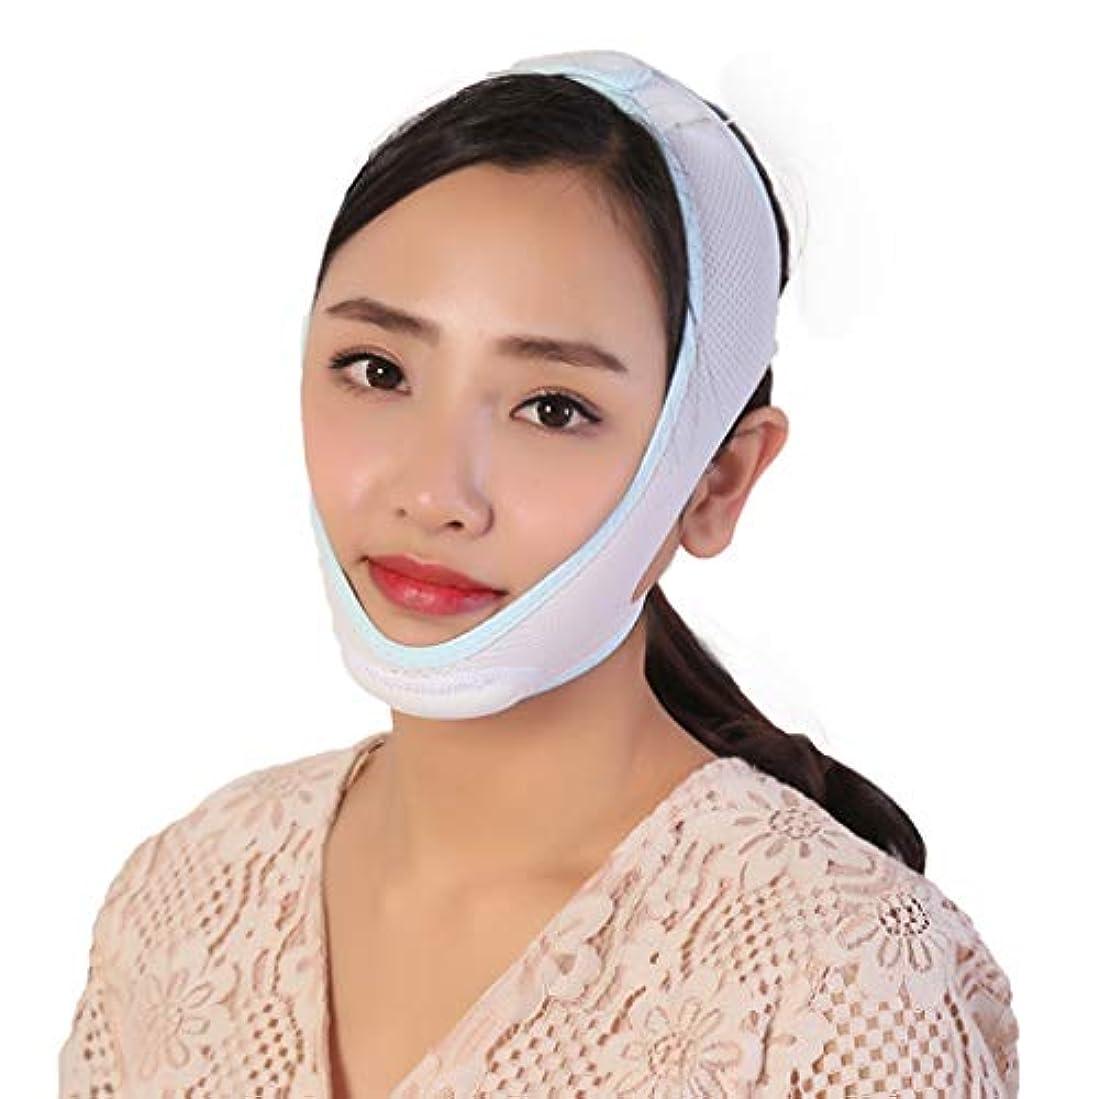 浸透する風変わりな短くする顔の顔を持ち上げる顔のマスクを改善するために快適な顔面曲線包括的通気性包帯